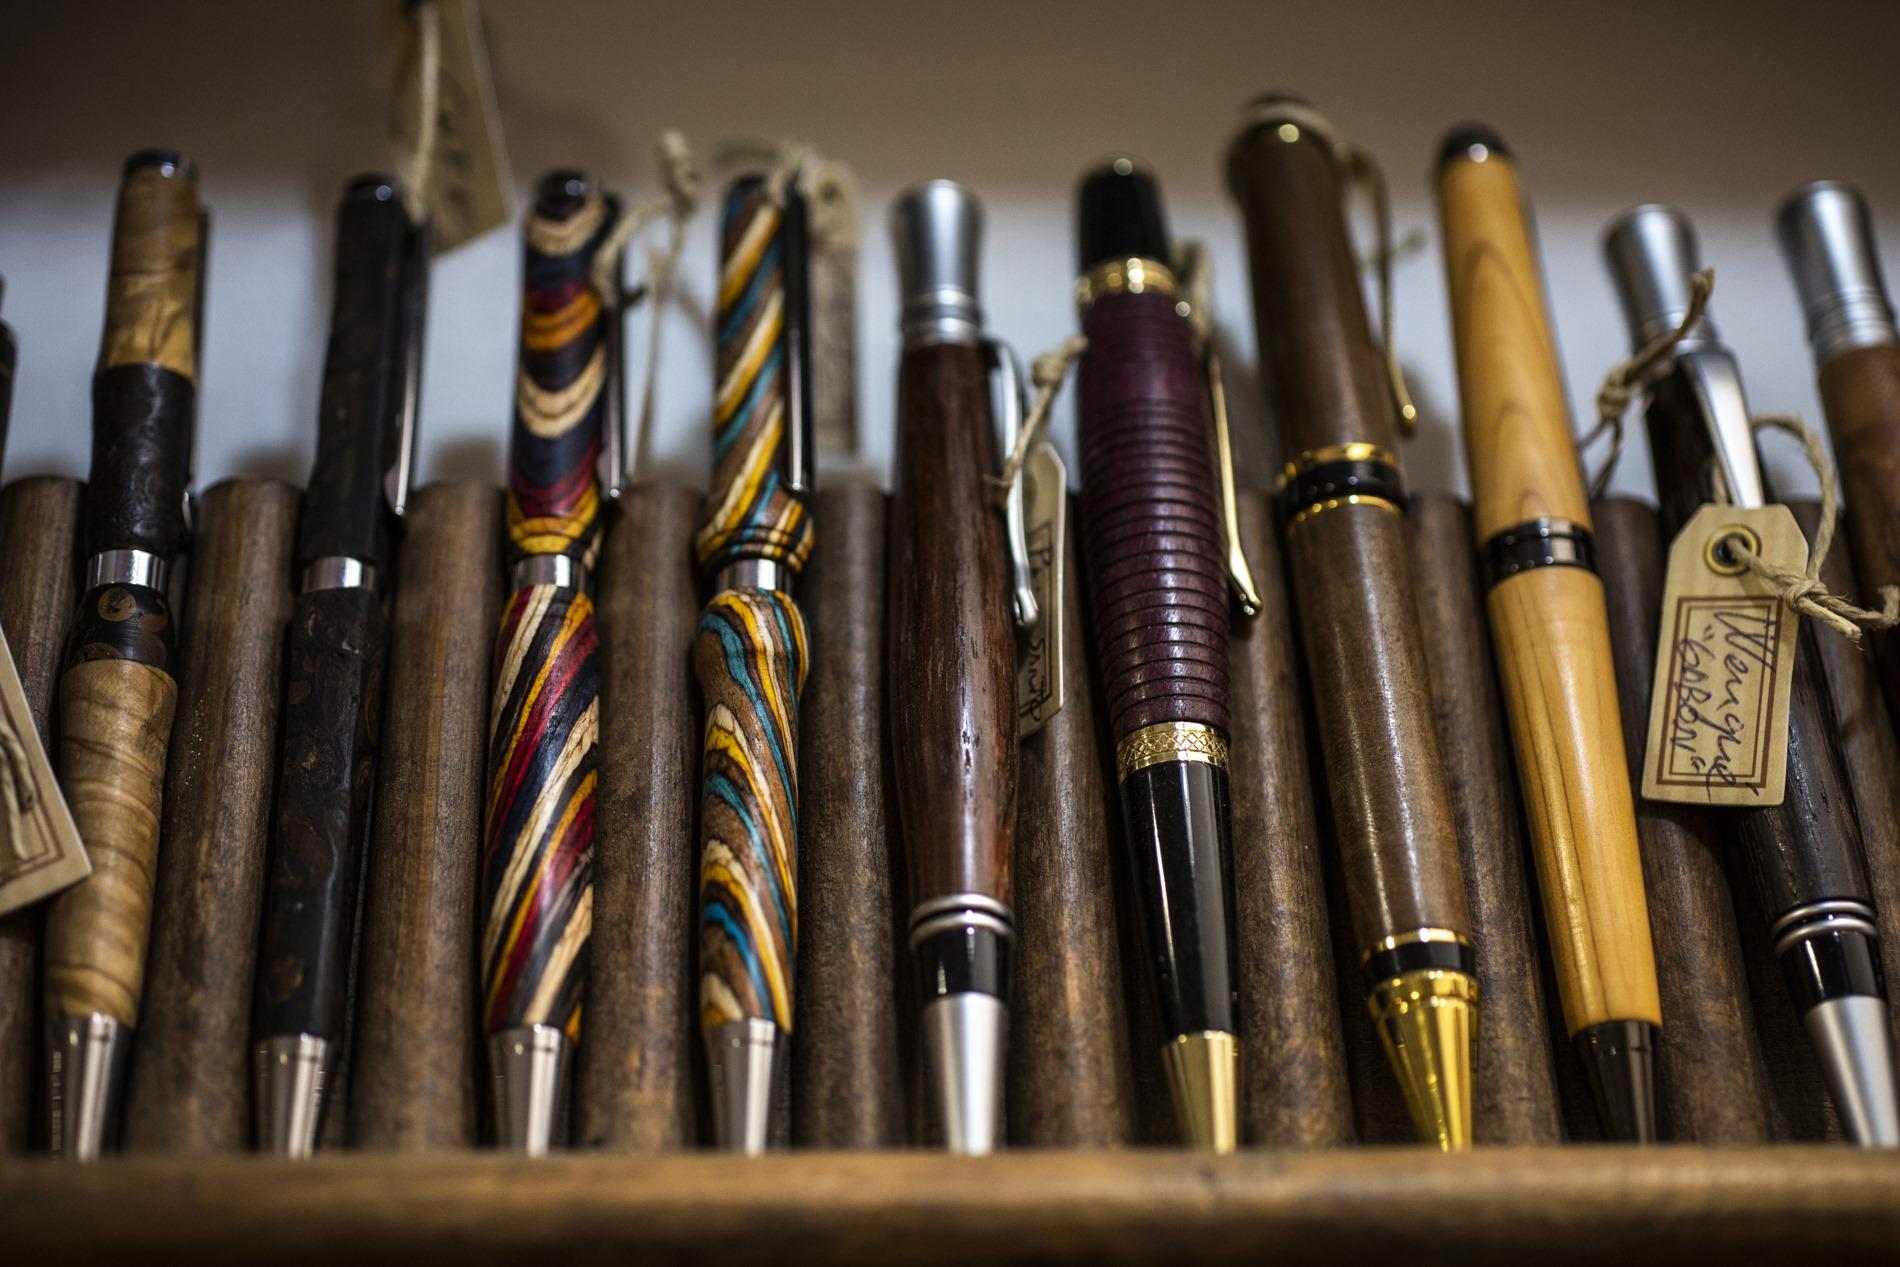 Las plumas y bolígrafos de madera tallada y pintada son un regalo perfecto.